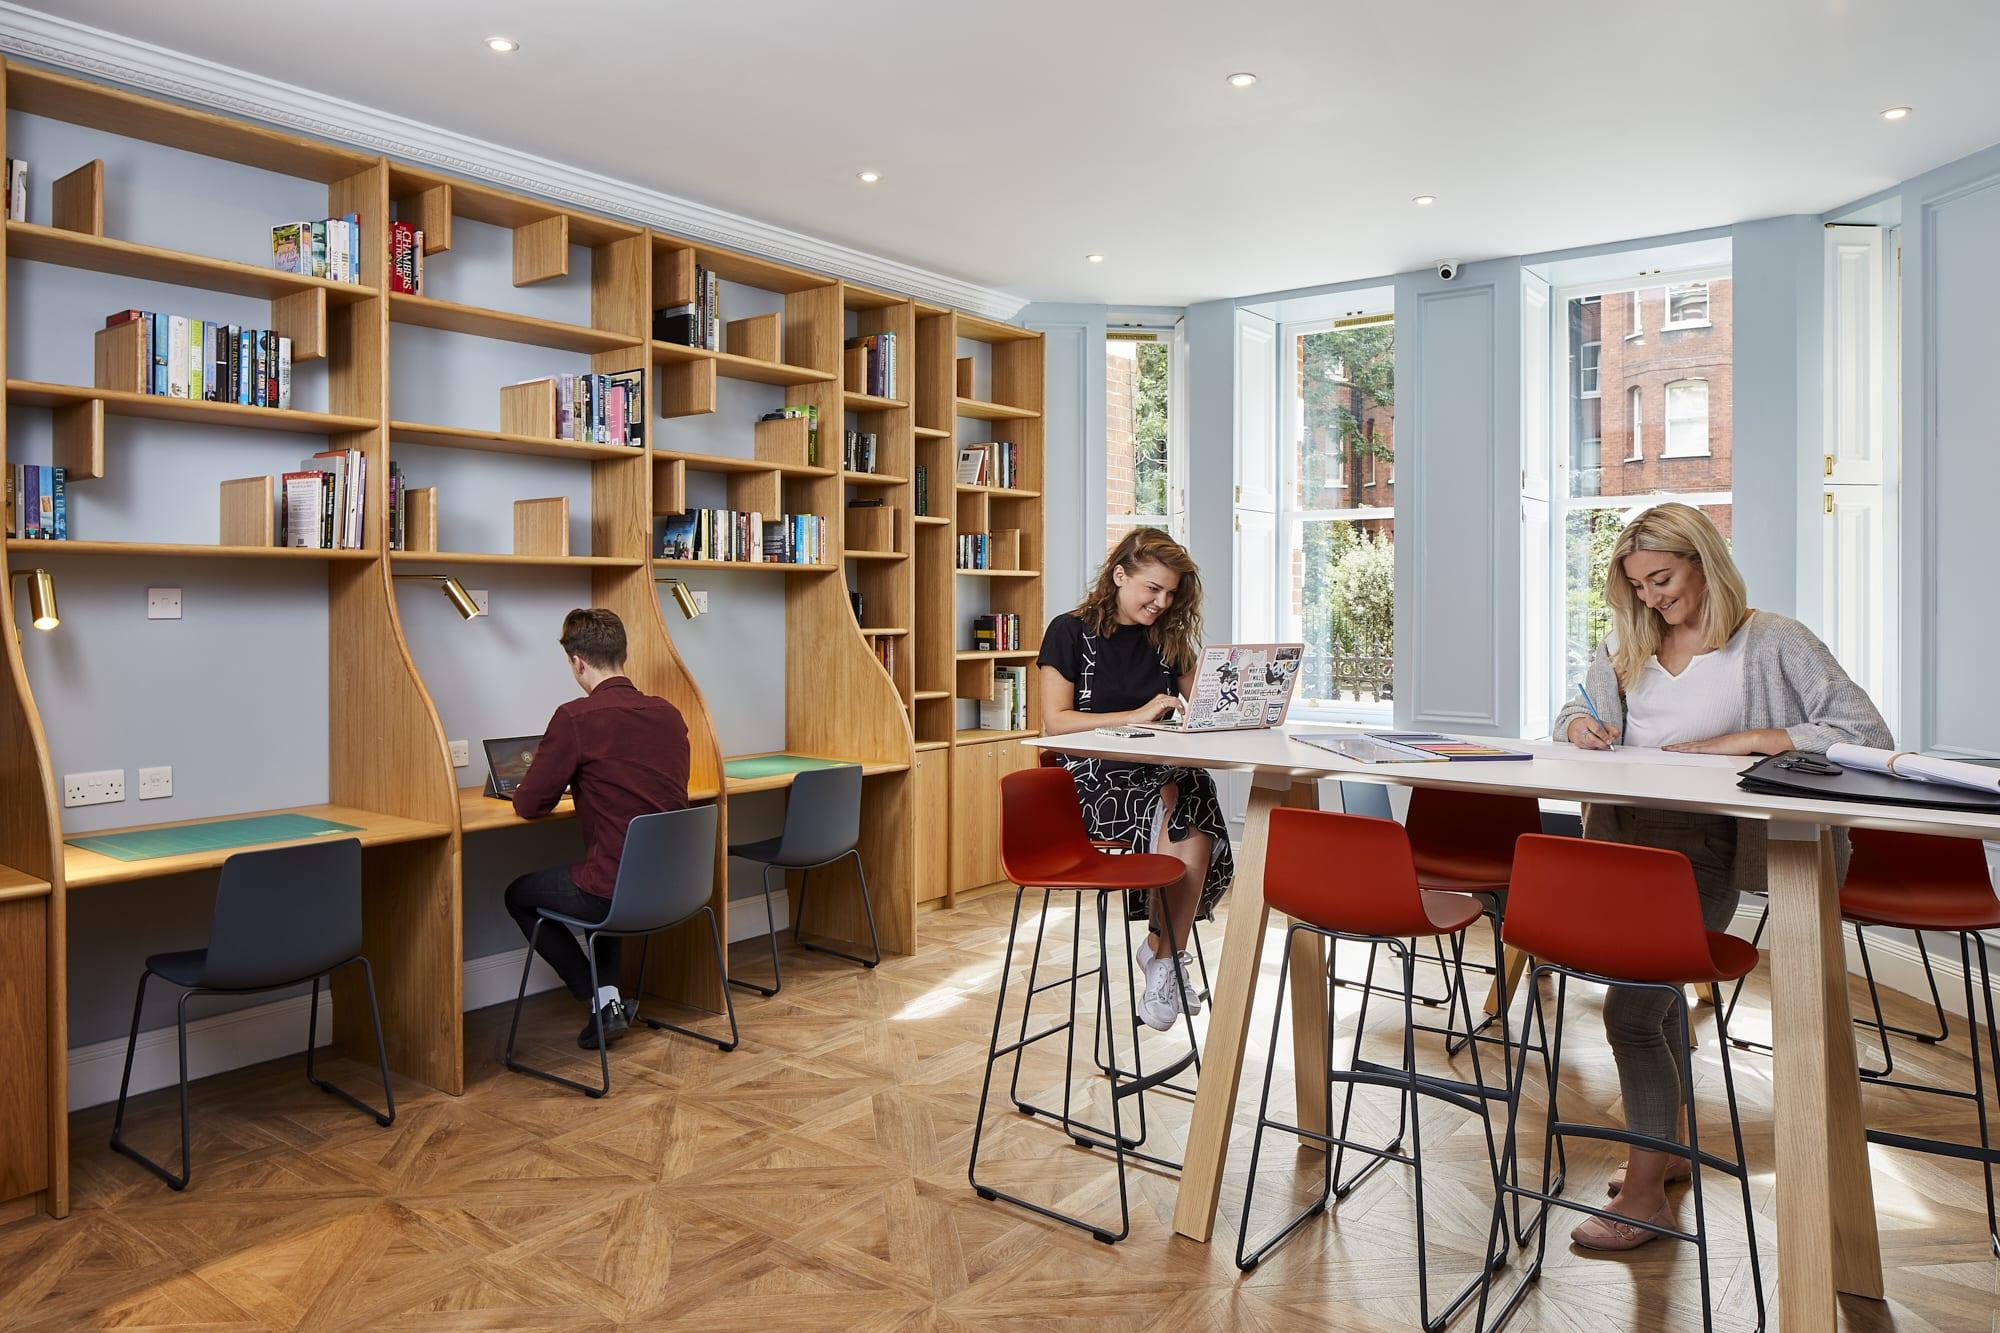 Wigram-House-study-room-2.jpg